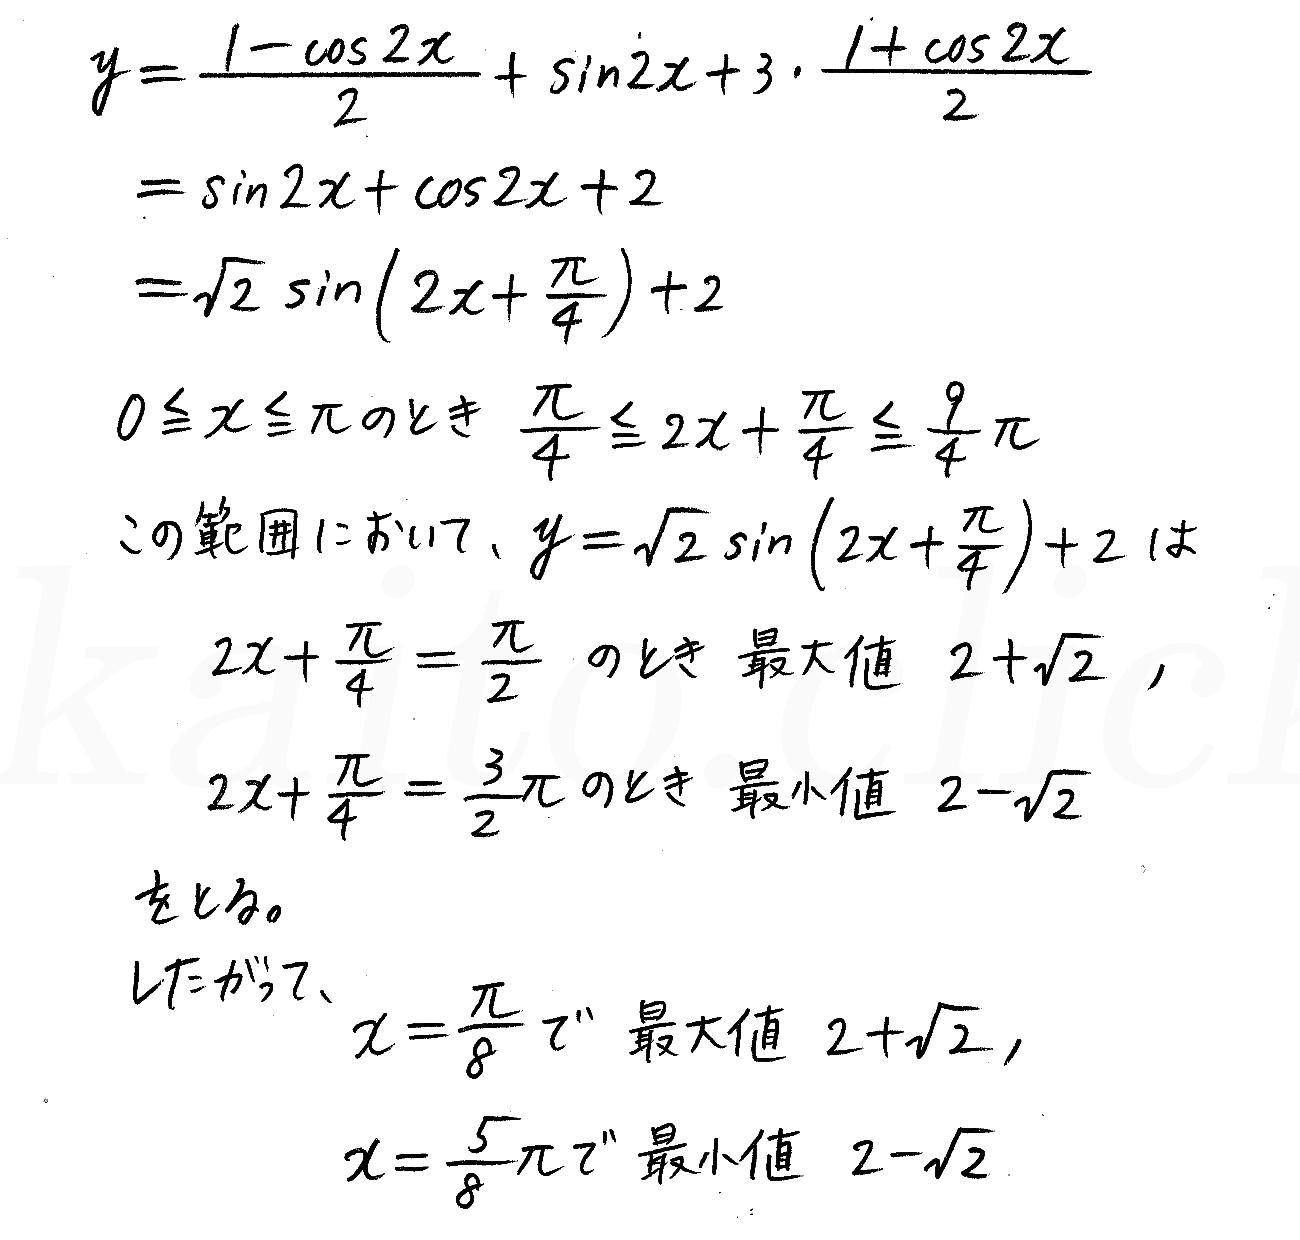 クリアー数学2-303解答